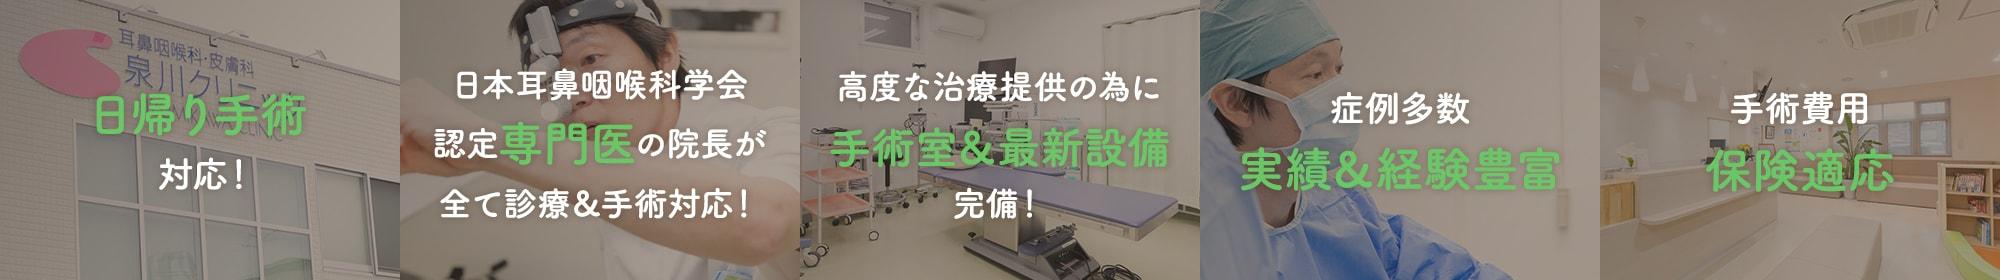 日帰り手術対応! 日本耳鼻咽喉科学会認定専門医の院長が全て診療&手術対応! 高度な治療提供の為に手術室&最新設備完備! 症例多数 実績&経験豊富 手術費用保険適応